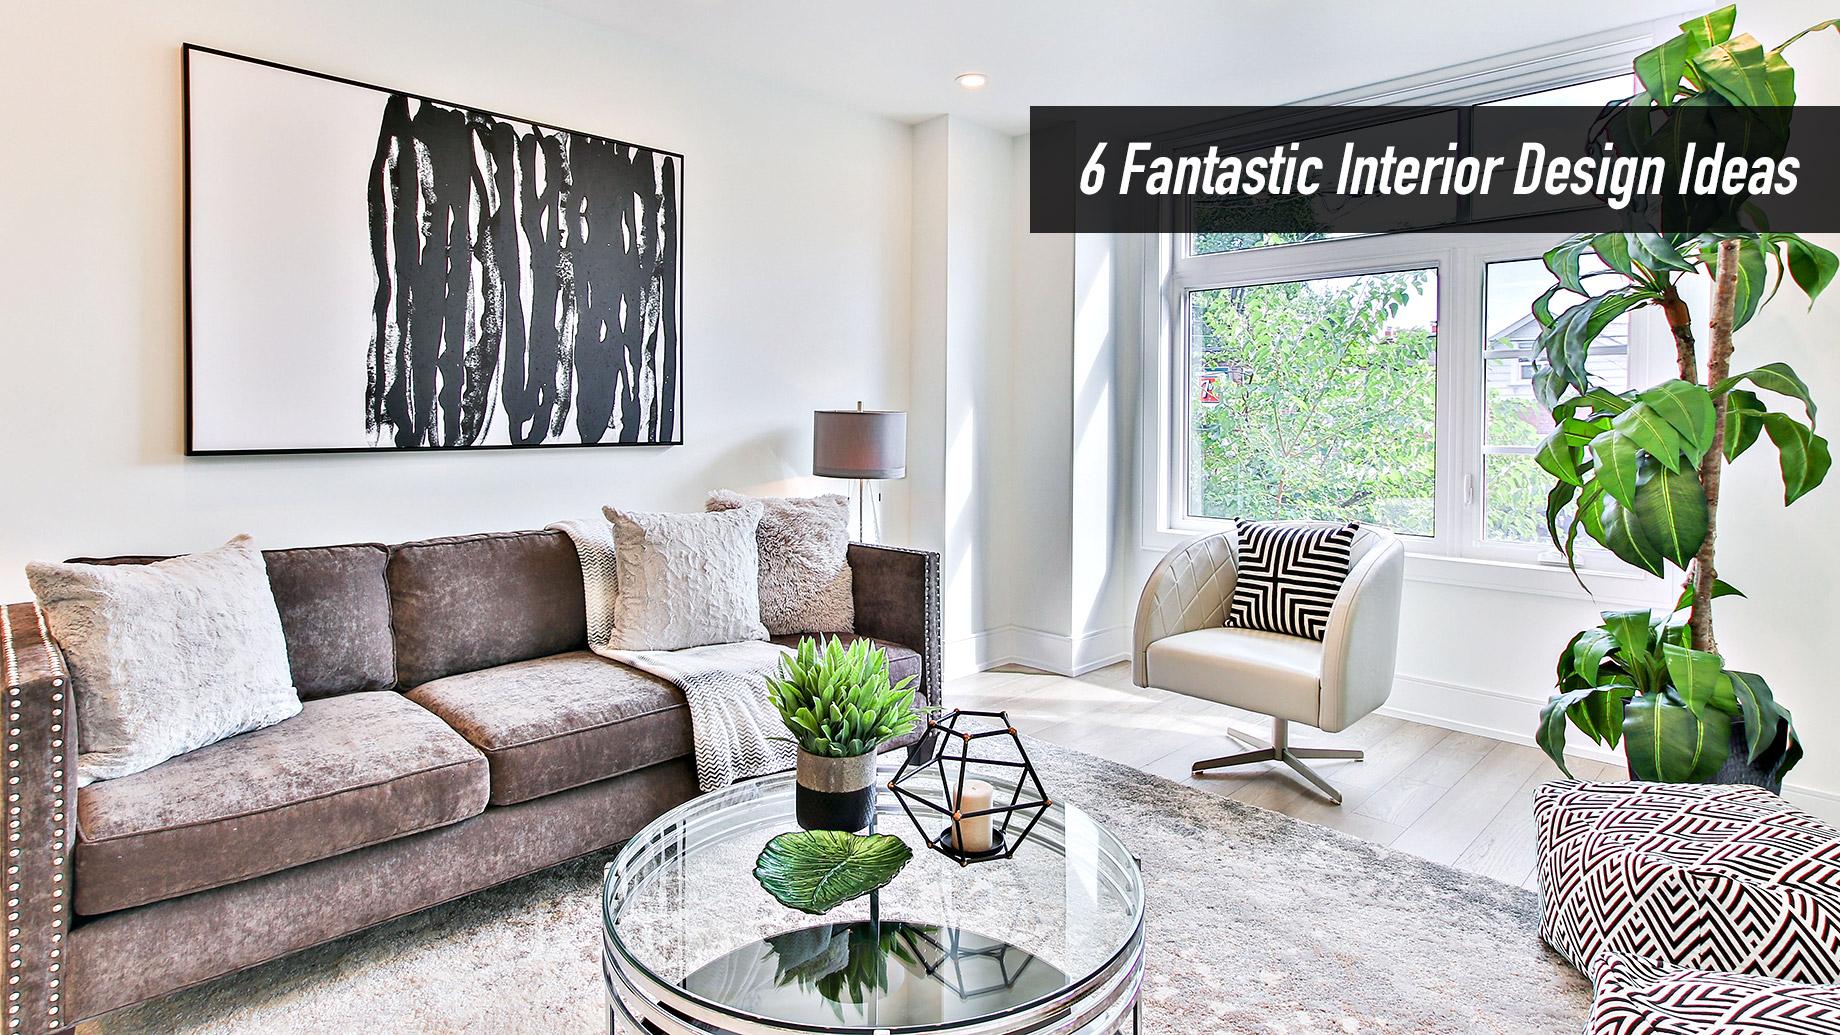 6 Fantastic Interior Design Ideas to Transform Your Home